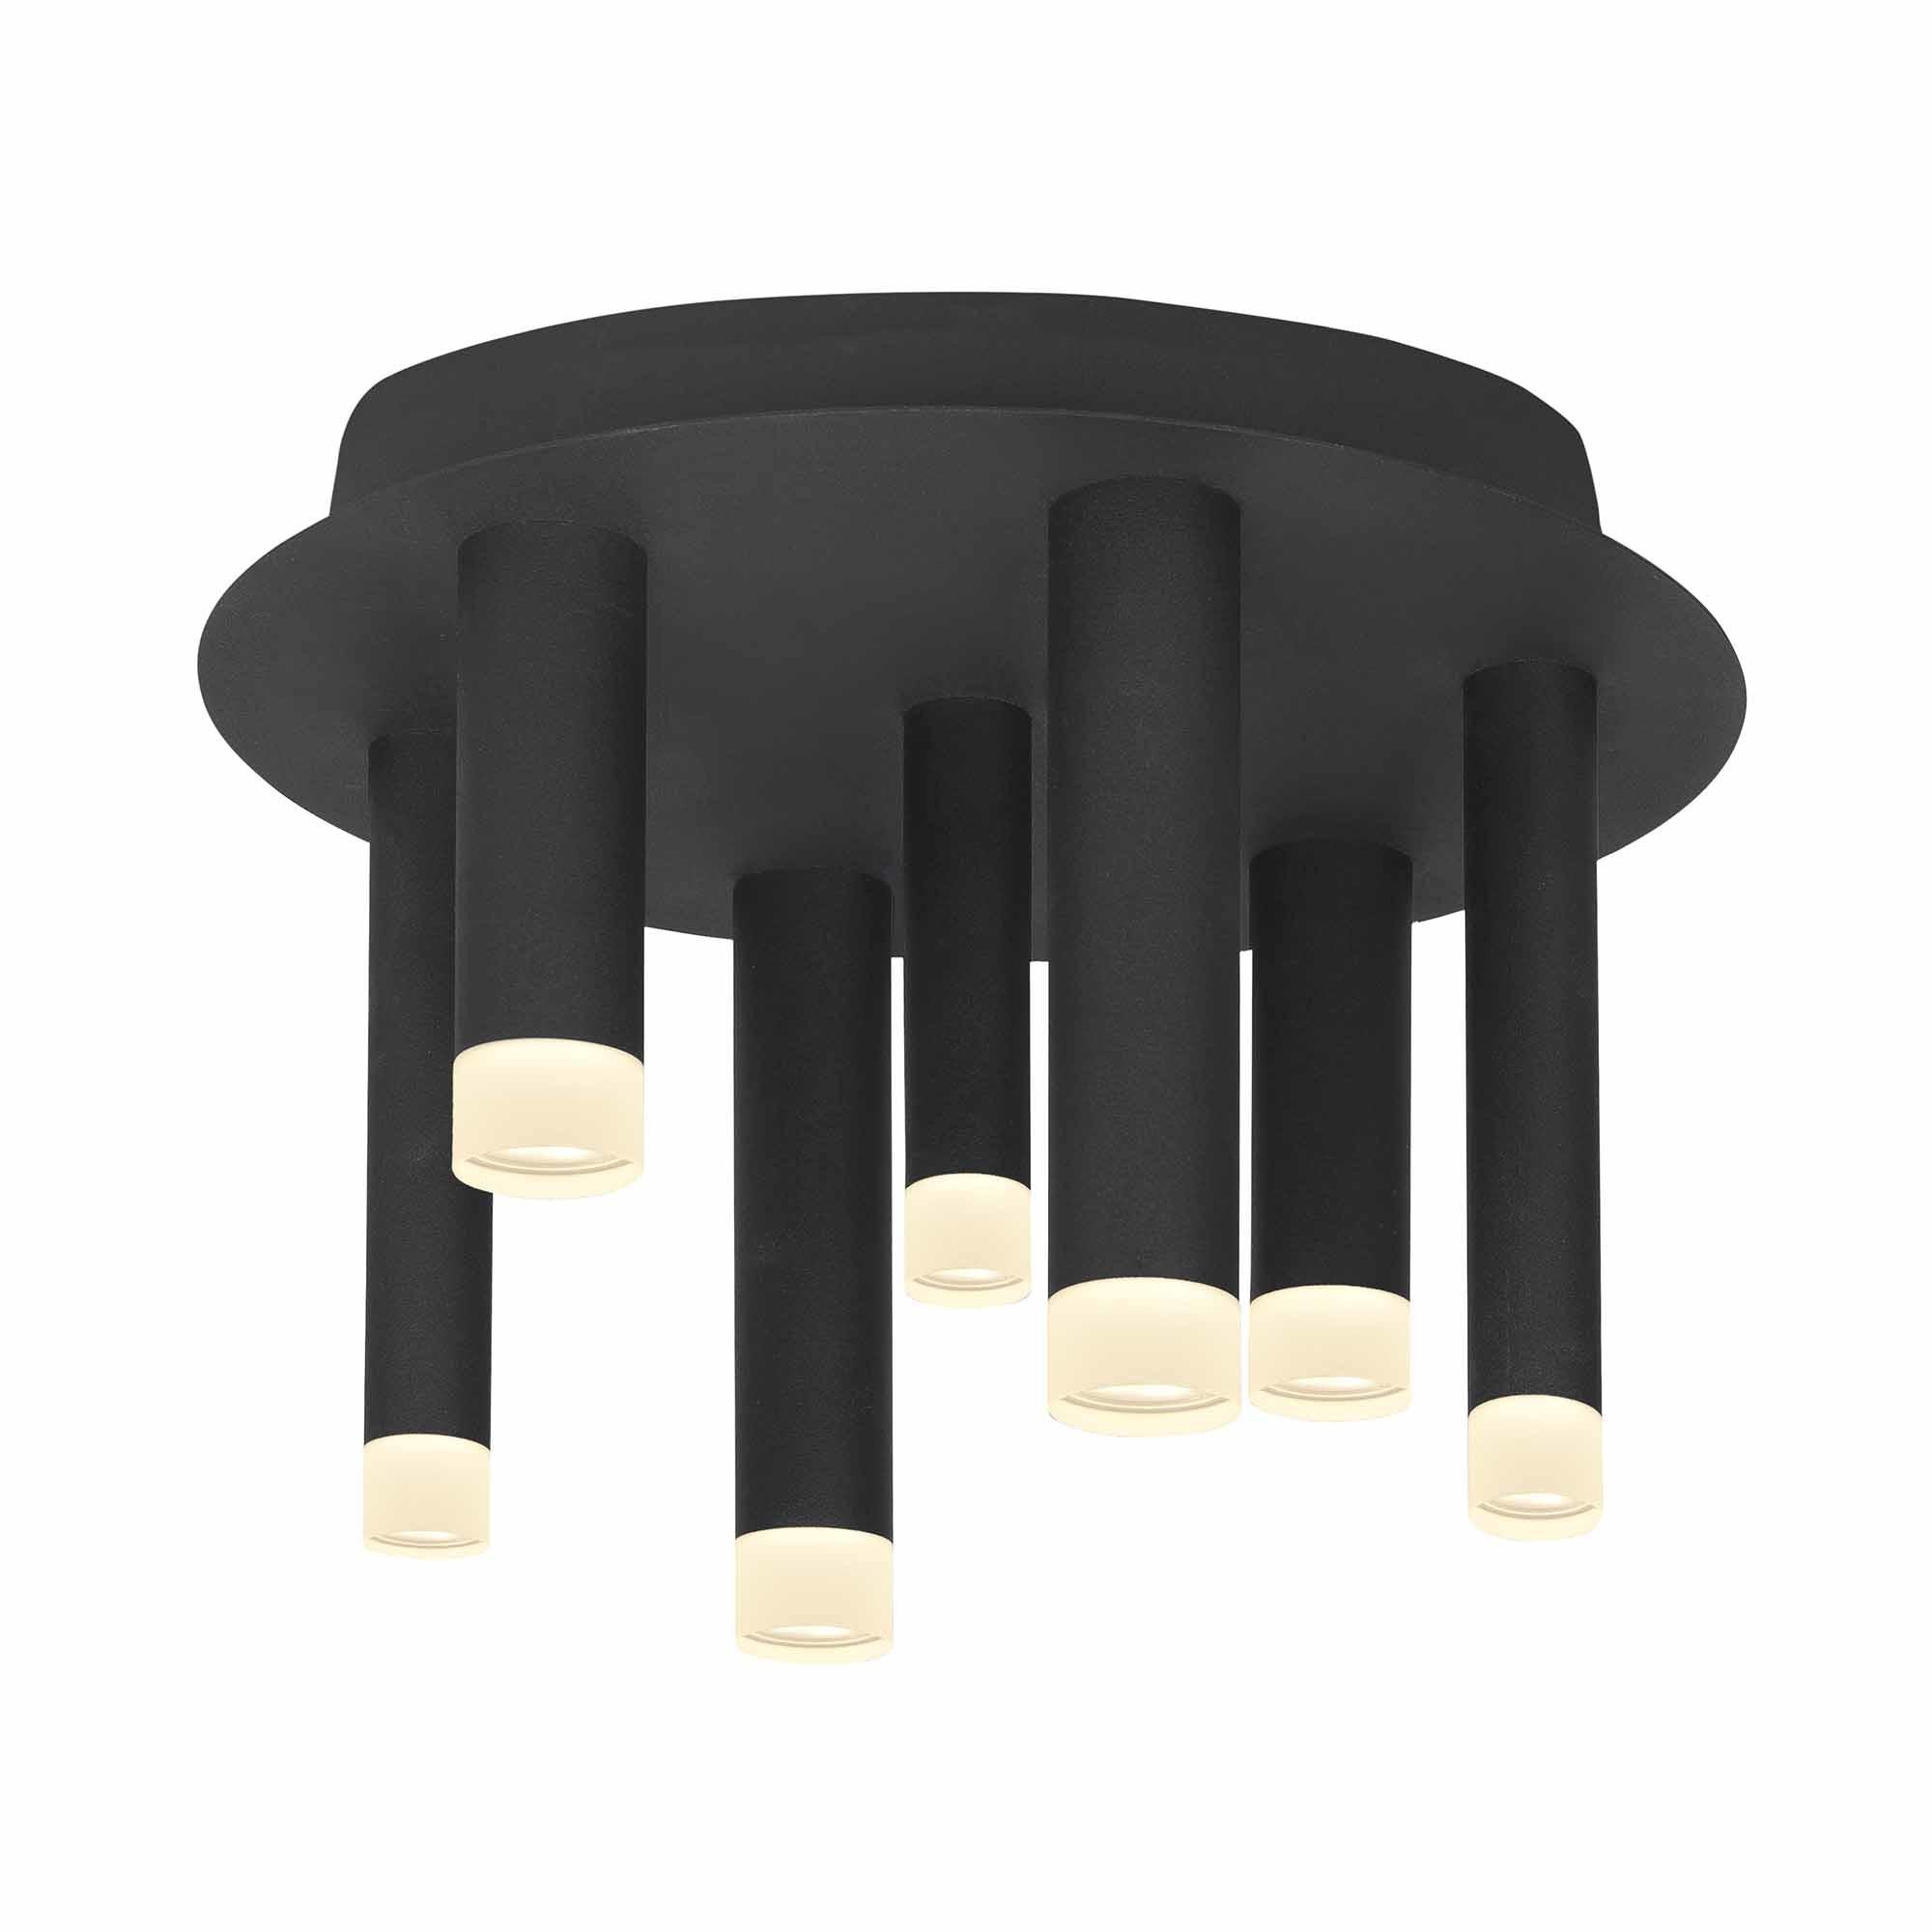 Highlight Plafondlamp Tubes 7 lichts Ø 30 cm zwart